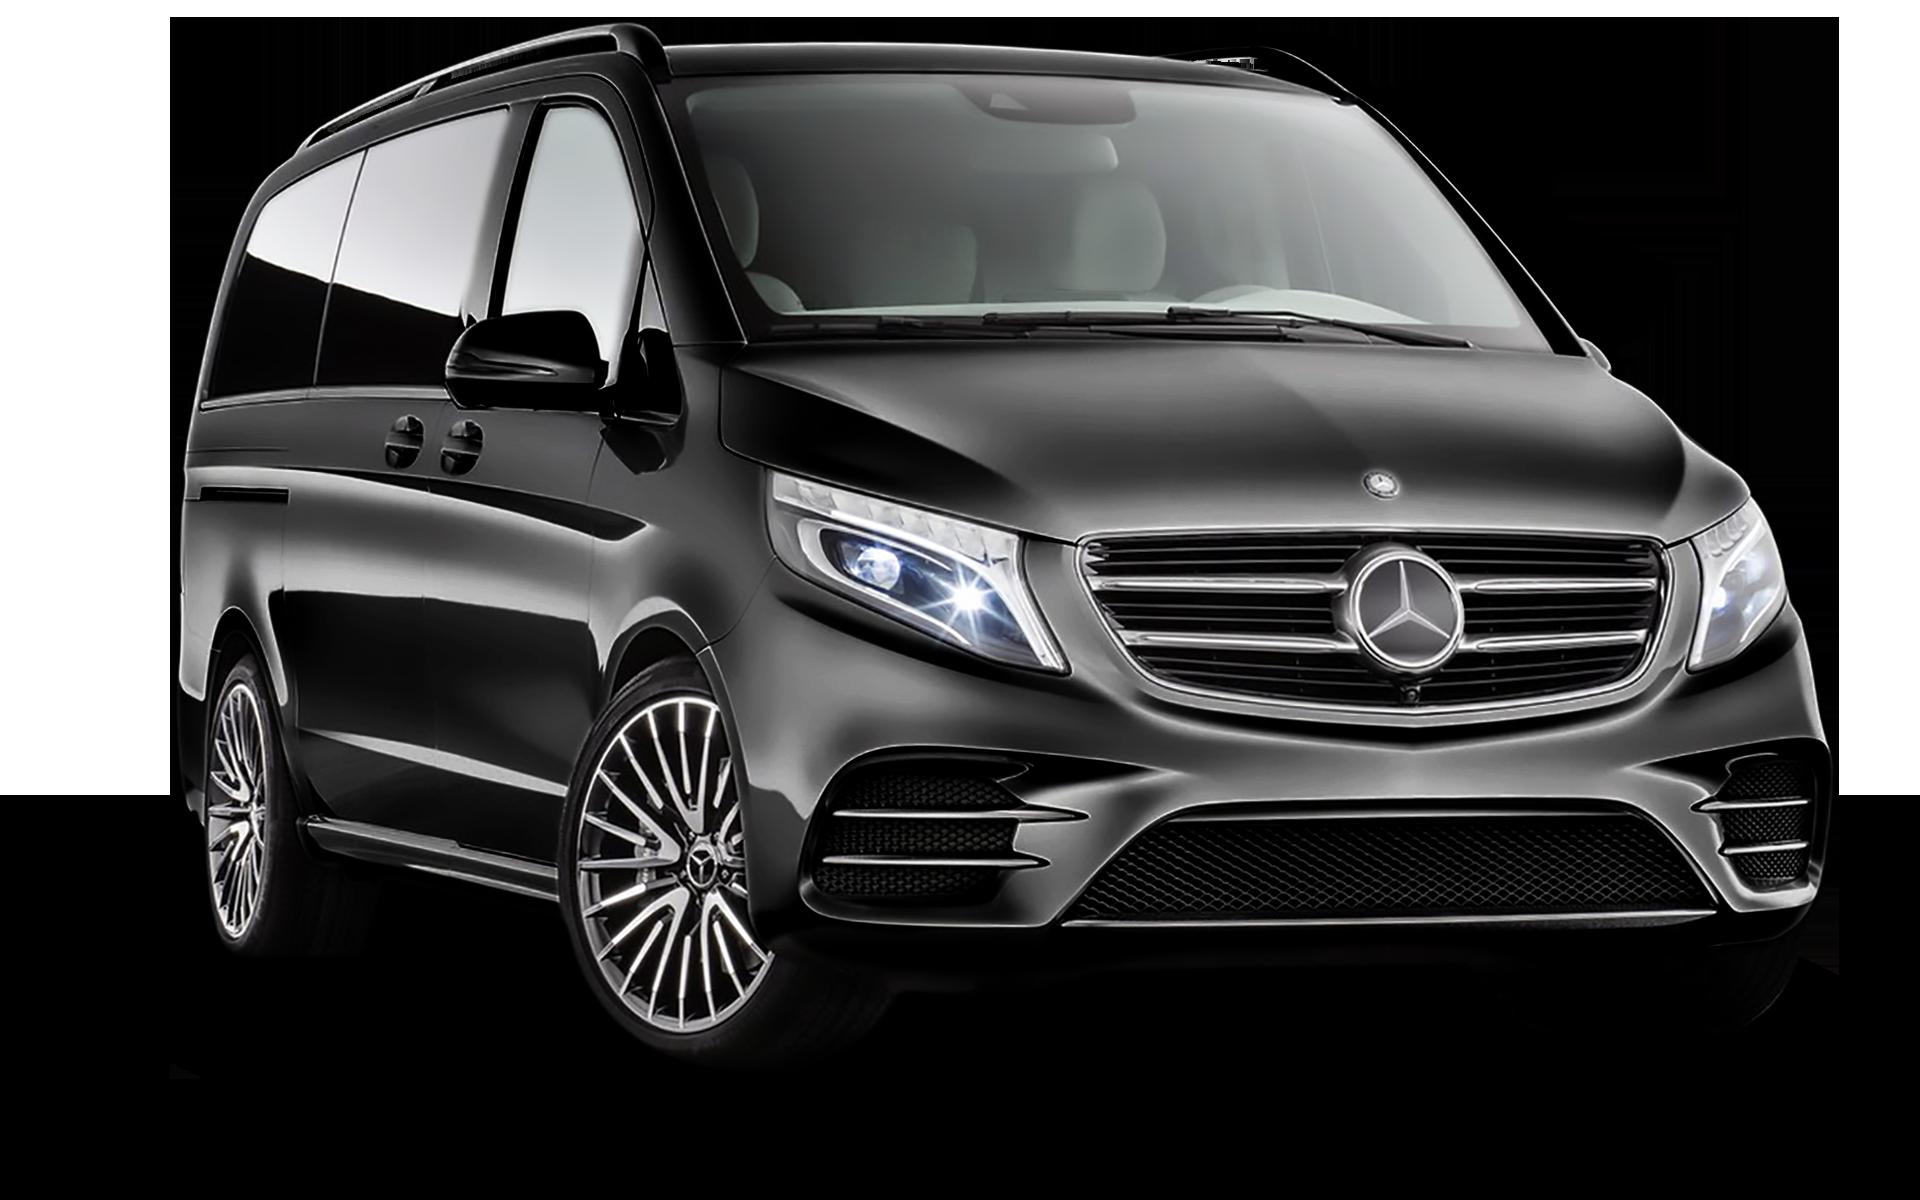 Dit is de Mercedes Viano van Taxi Waregem